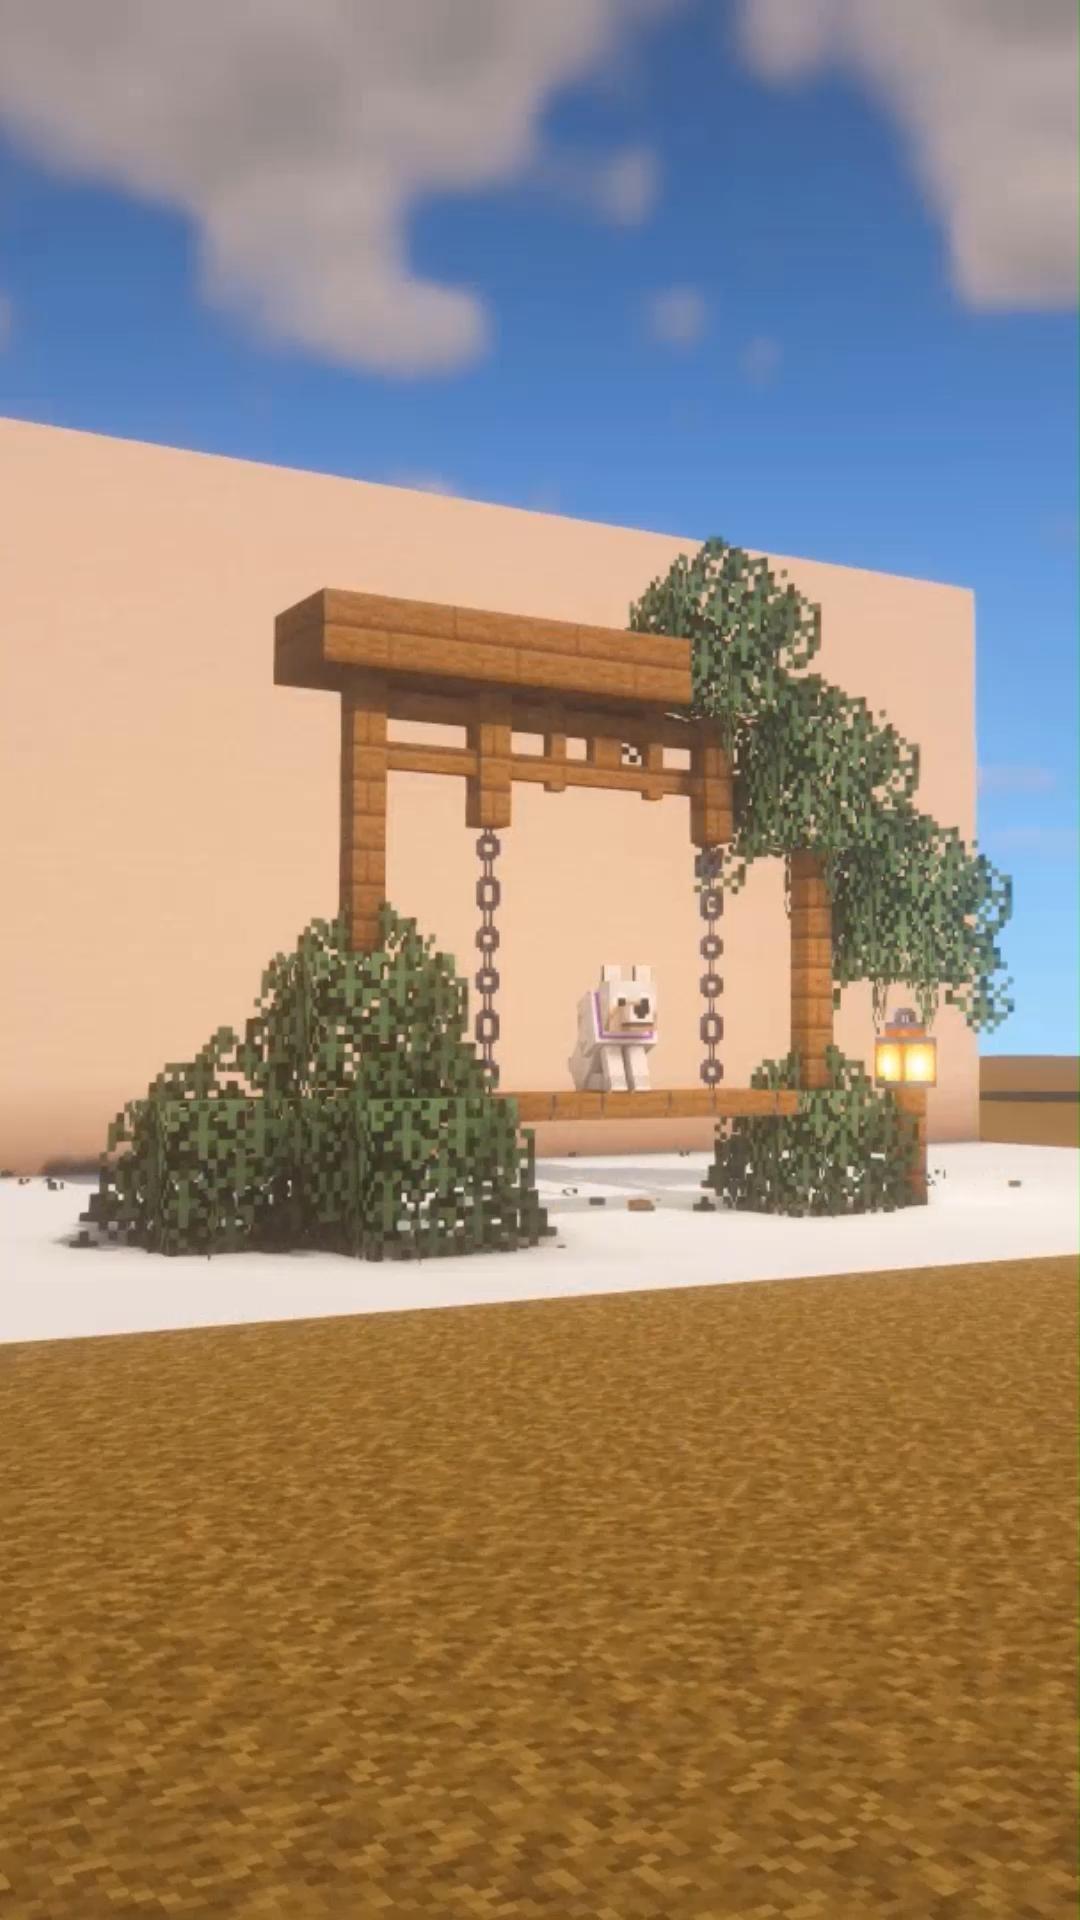 Porch Swing Frame Fairy Garden [ Minecraft Timelapse ]